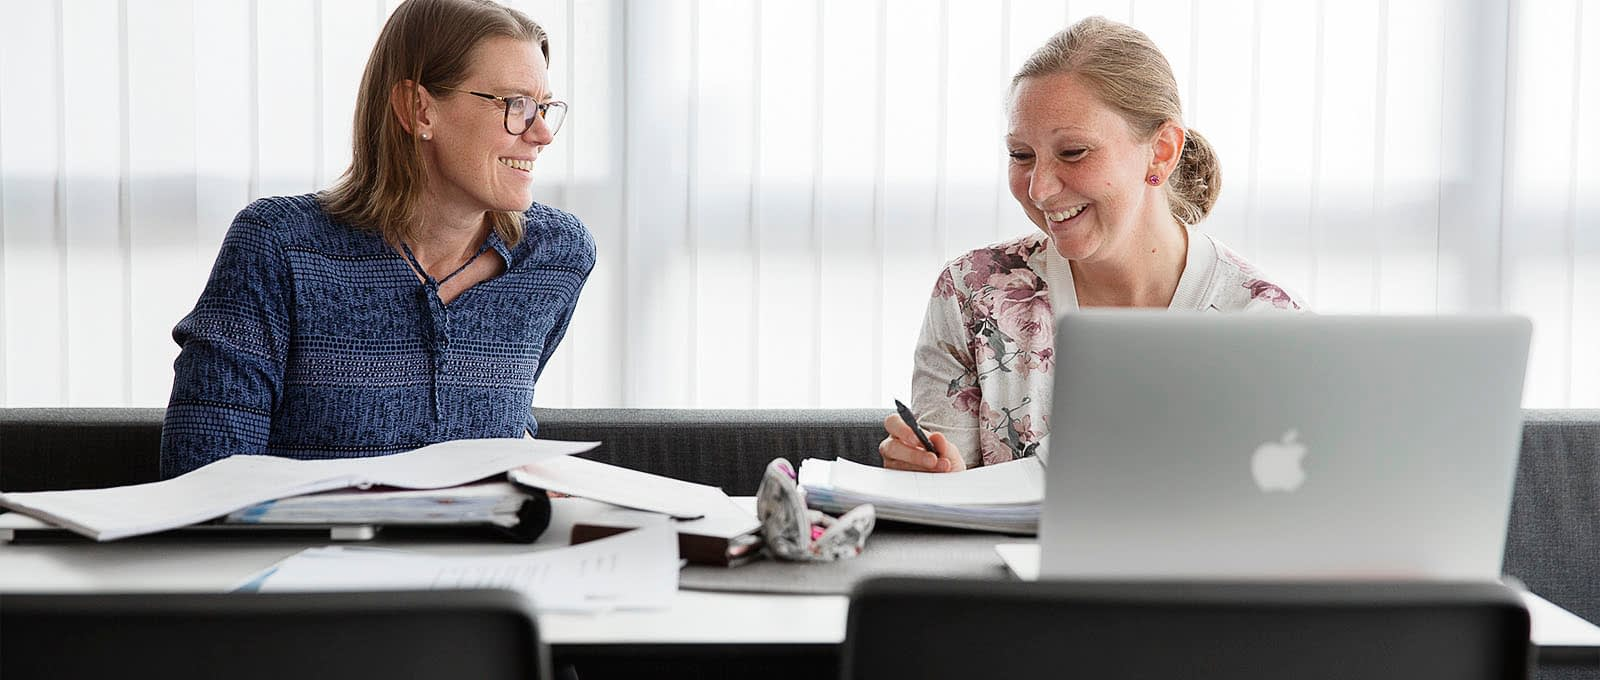 Två kvinnor ler mot varandra vid dator